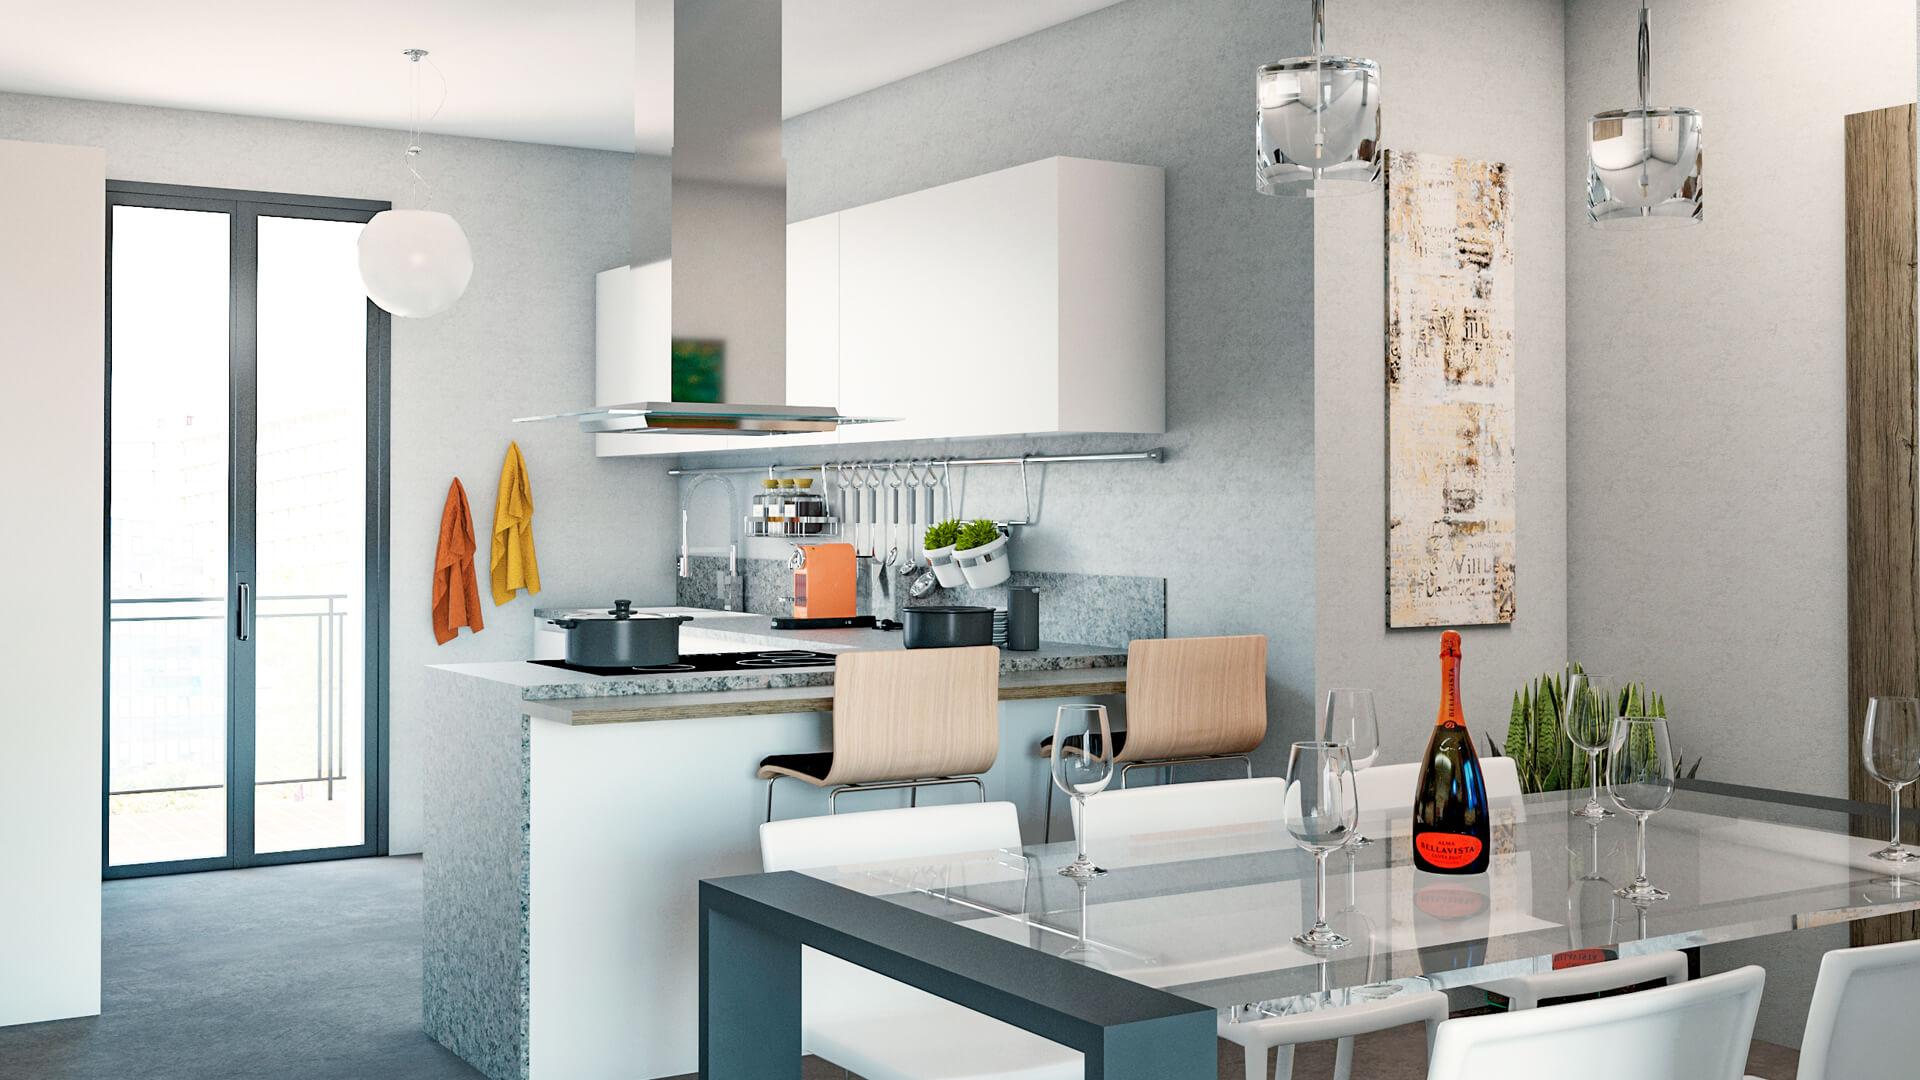 Progettazione e render appartamento. Località: Melegnano (MI)